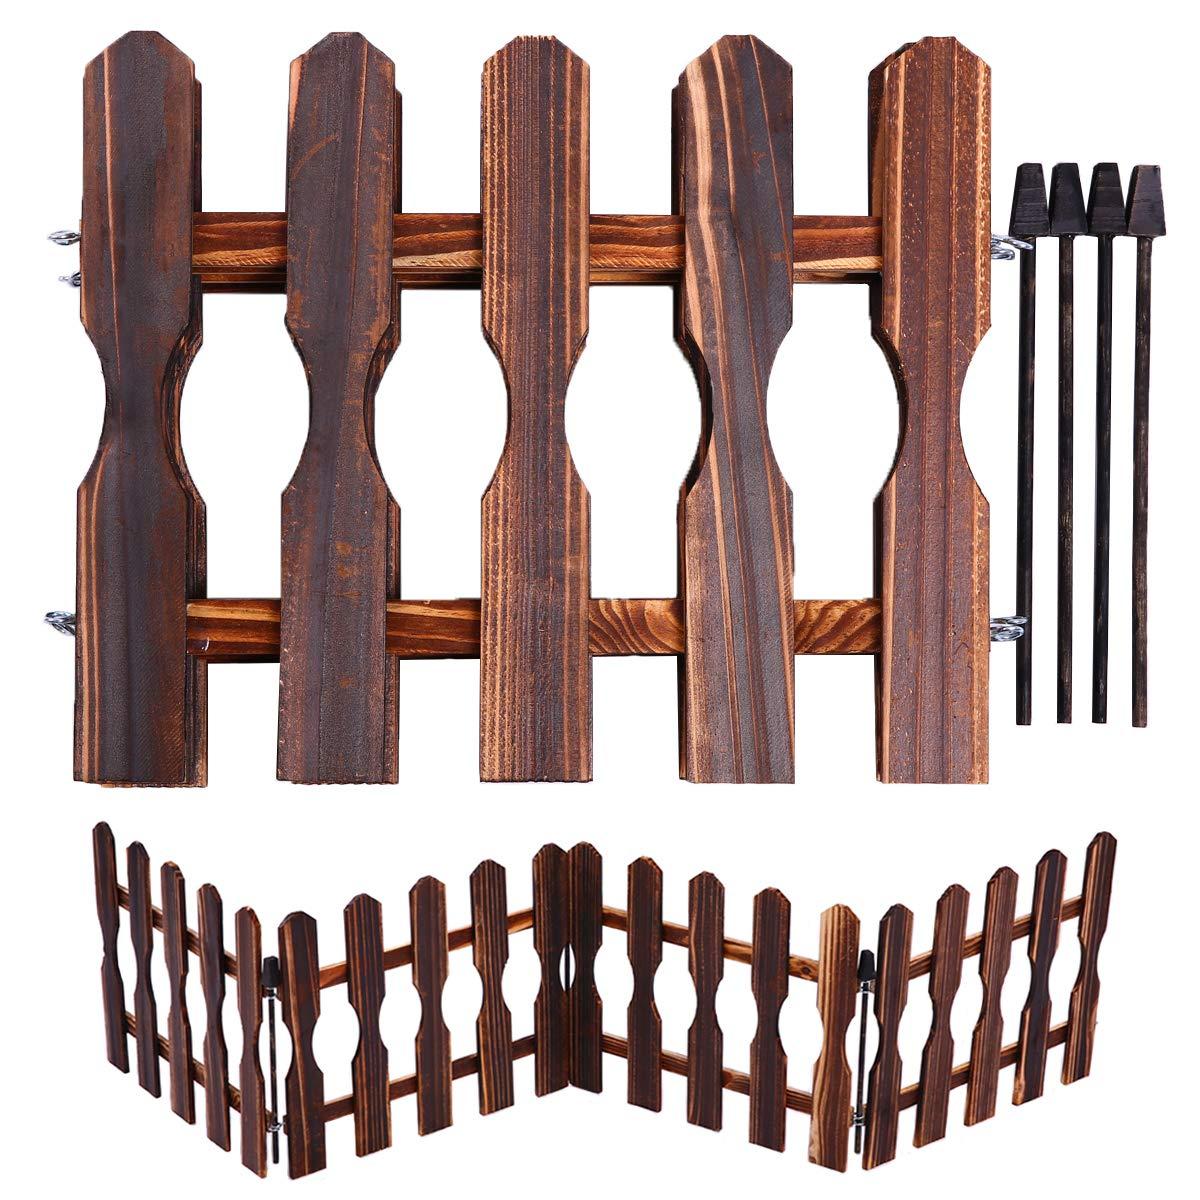 Valla de madera para interior y exterior, de honor, de 120 cm de largo, para decoración